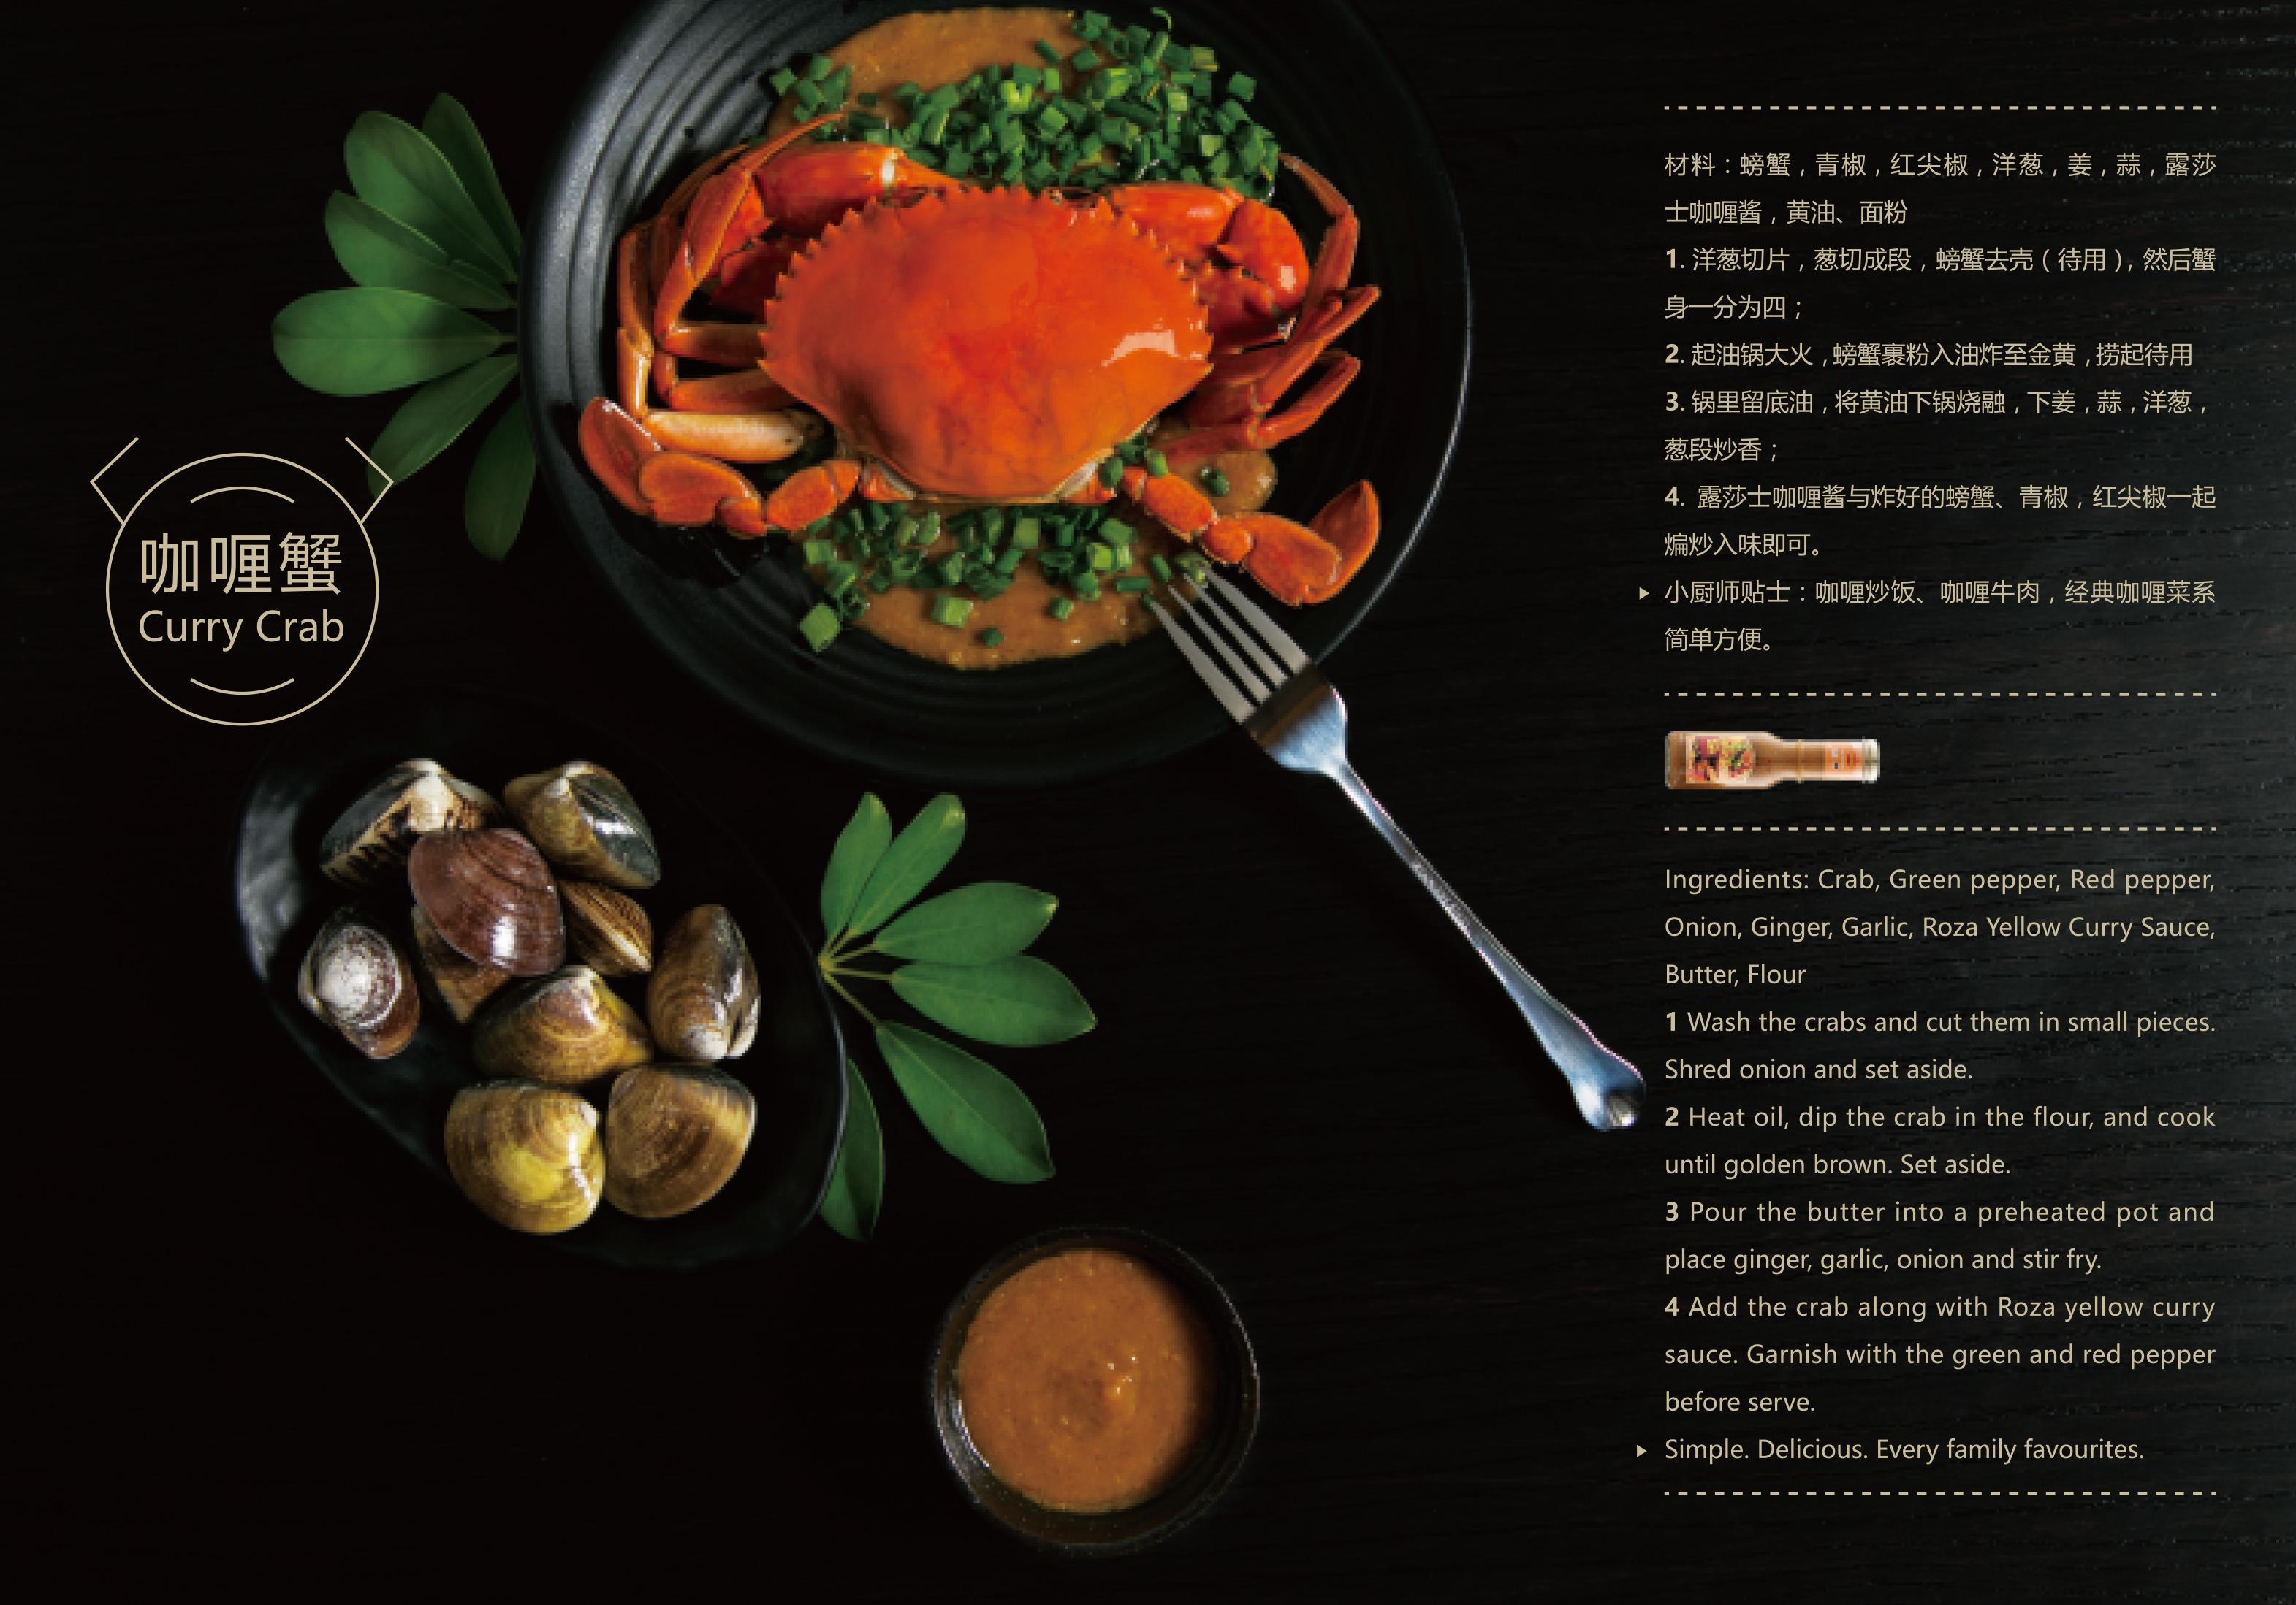 露莎士食谱-咖喱蟹-三吉食品天猫专营店